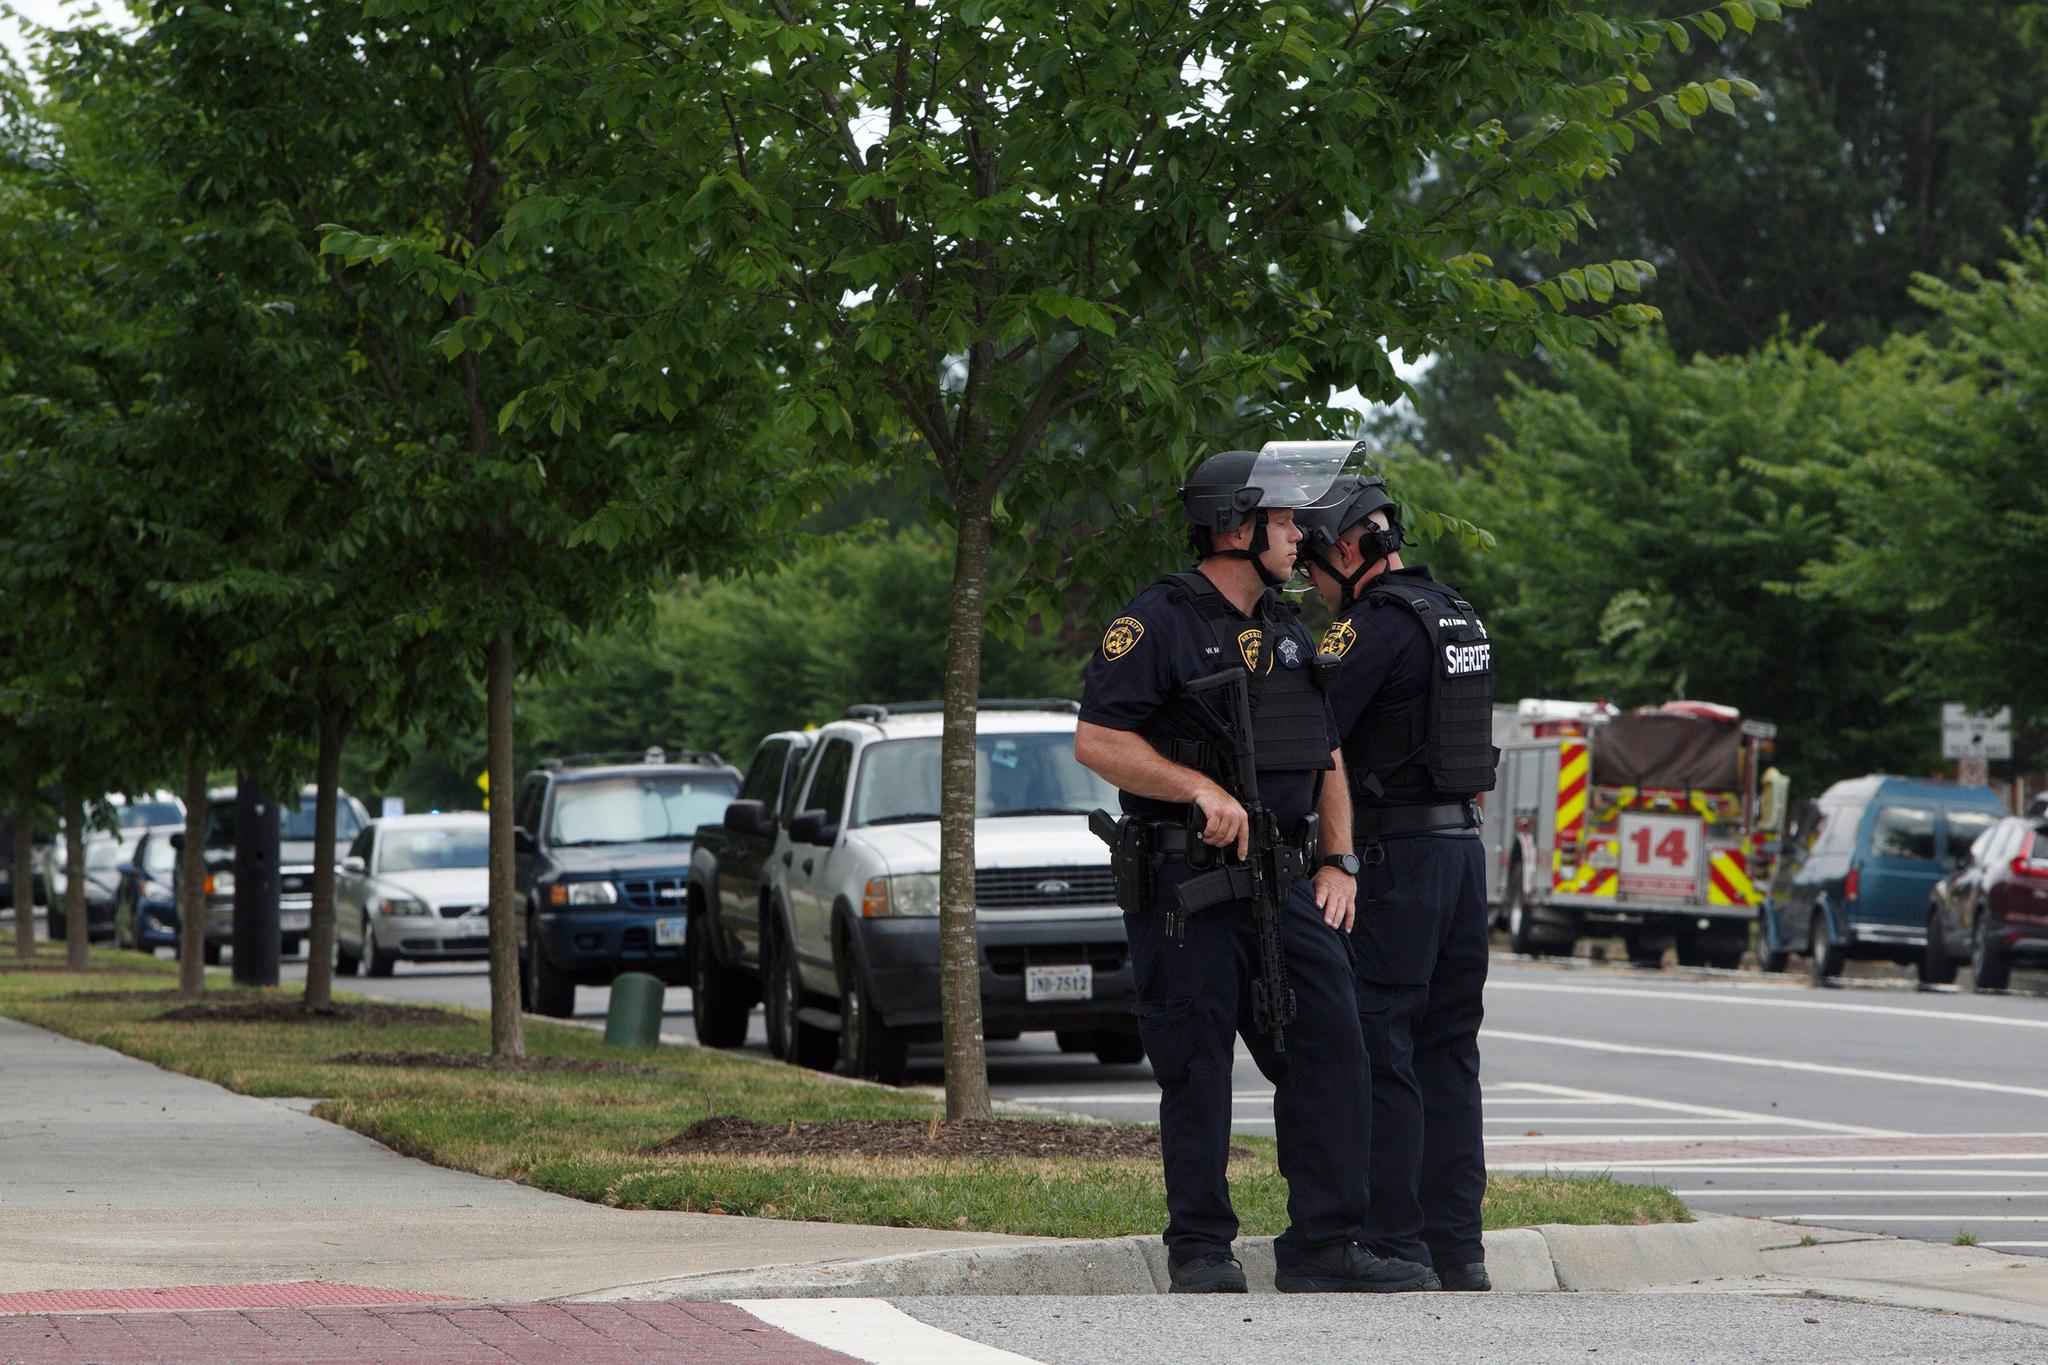 총격 사건이 발생한 버지니아비치 사건 현장에서 경찰들이 경계를 서고 있다. 이 사건으로 인한 부상자 중에는 경찰관도 포함됐는데 그들은 방탄조끼를 입은 덕분에 목숨을 구했다고 전해졌다. [AP=연합뉴스]